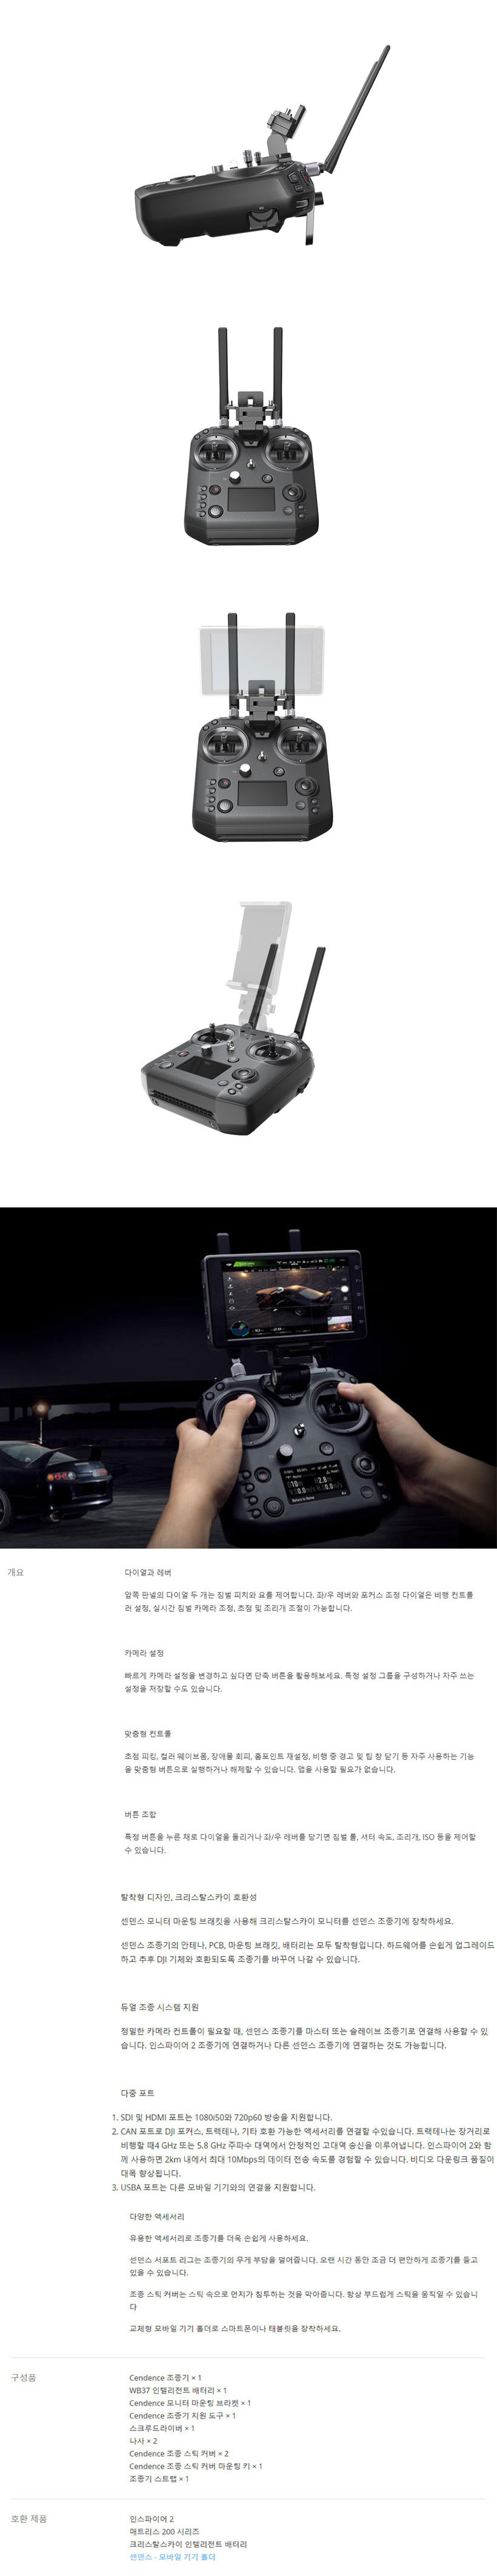 Cendence%20controller.jpg